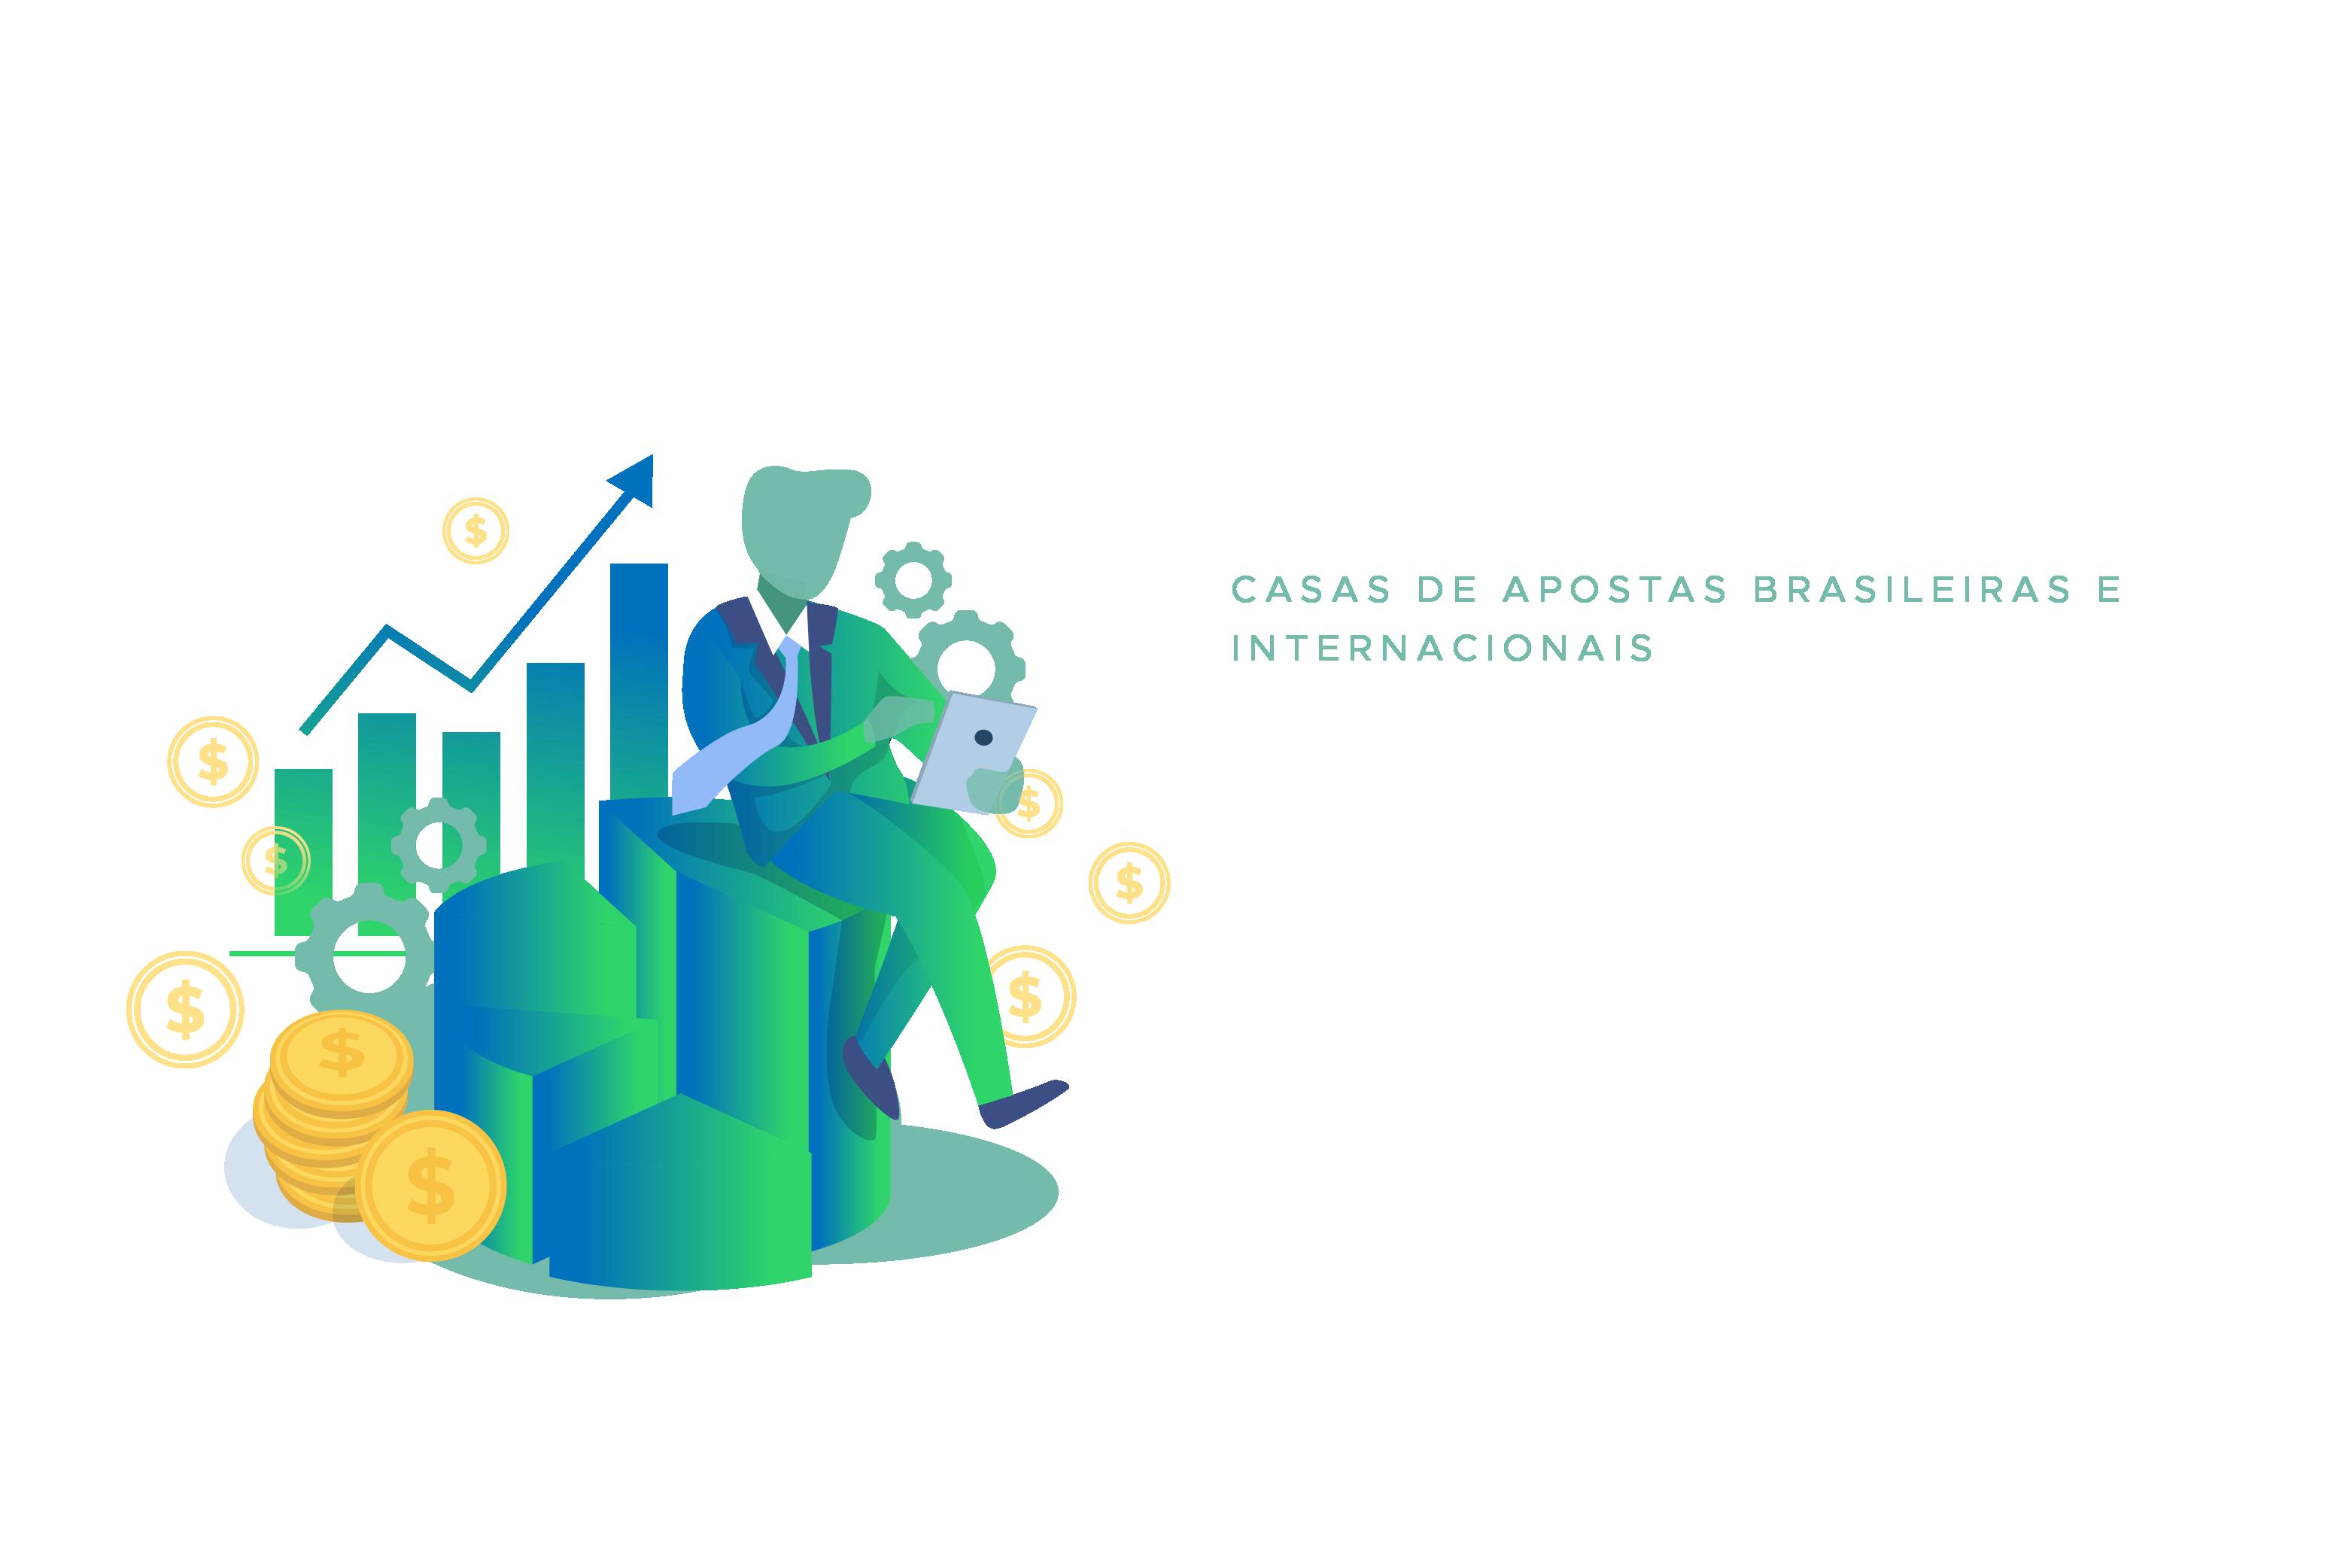 Casas de apostas brasileiras e internacionais